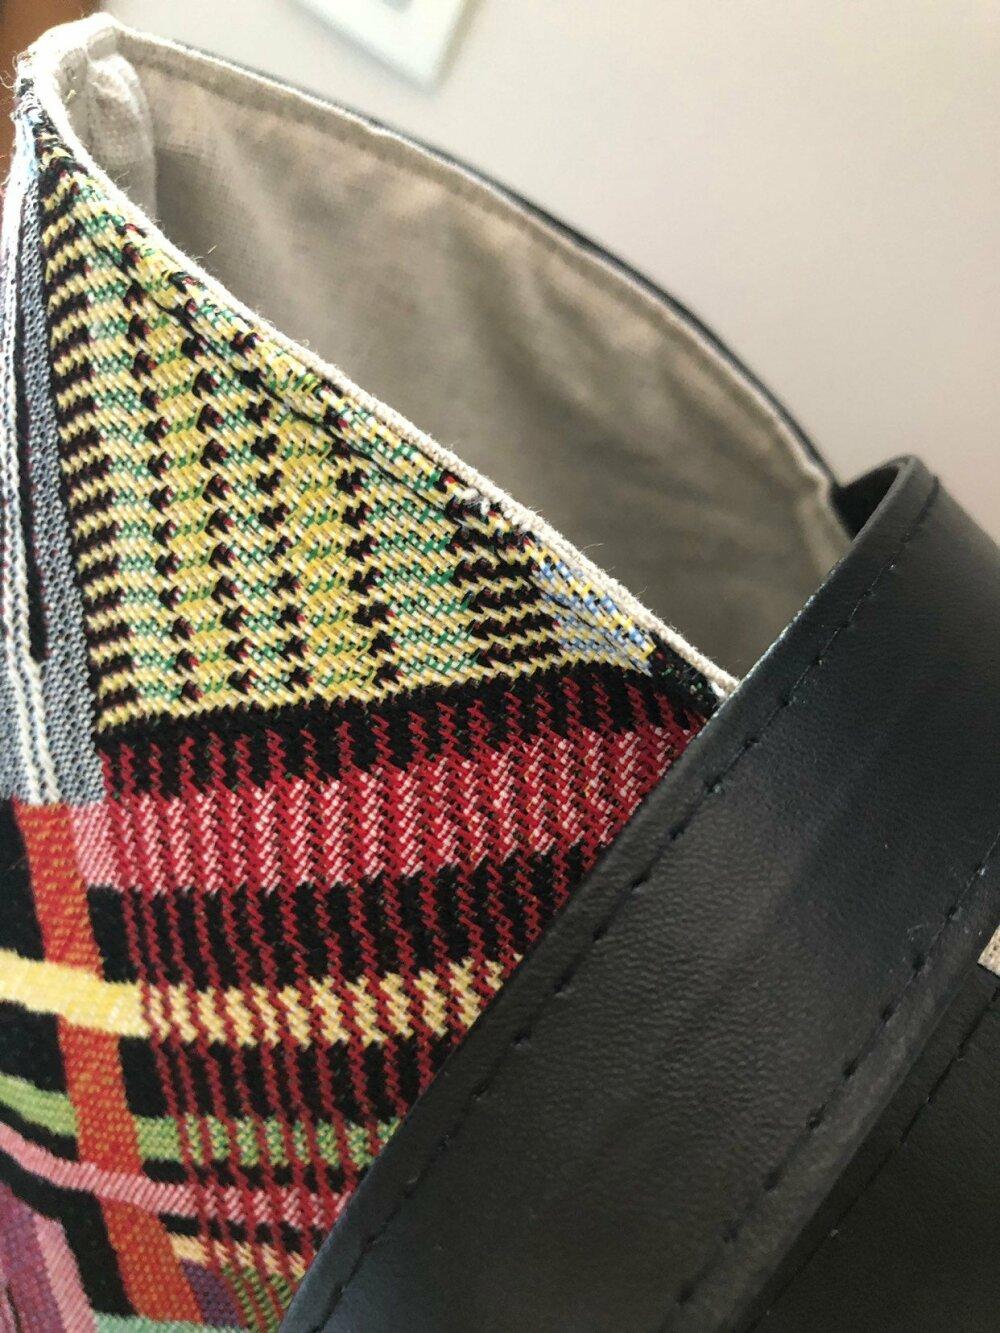 Sac cabas - cuir végan noir & motif coloré